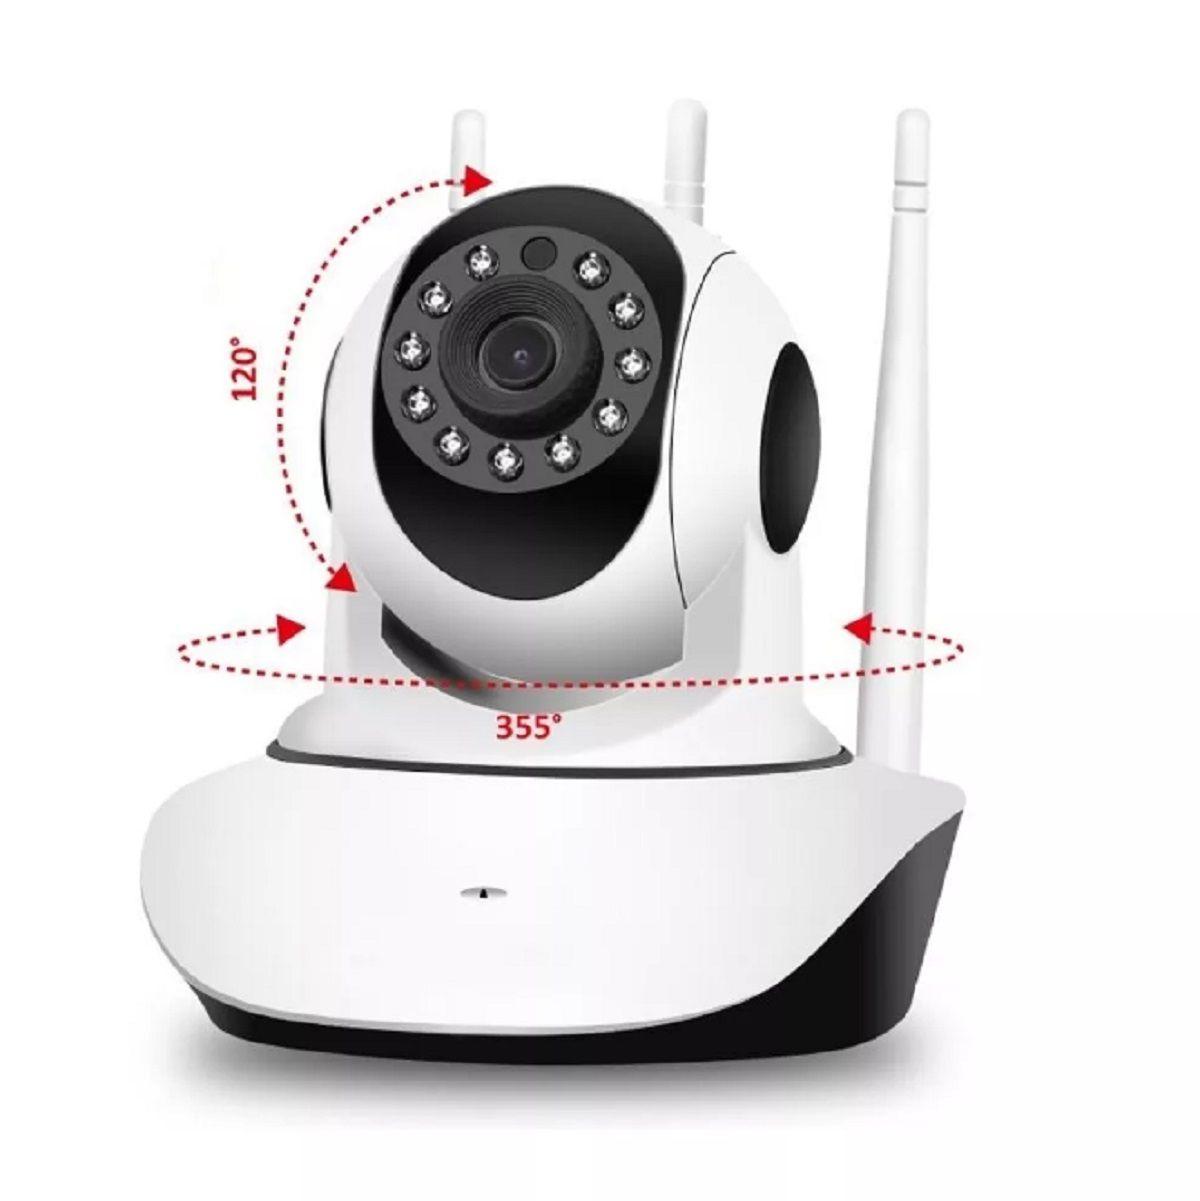 Câmera Ip 3 Antenas 3ª Geração 1.3 Mp Wifi Hd 720p Segurança